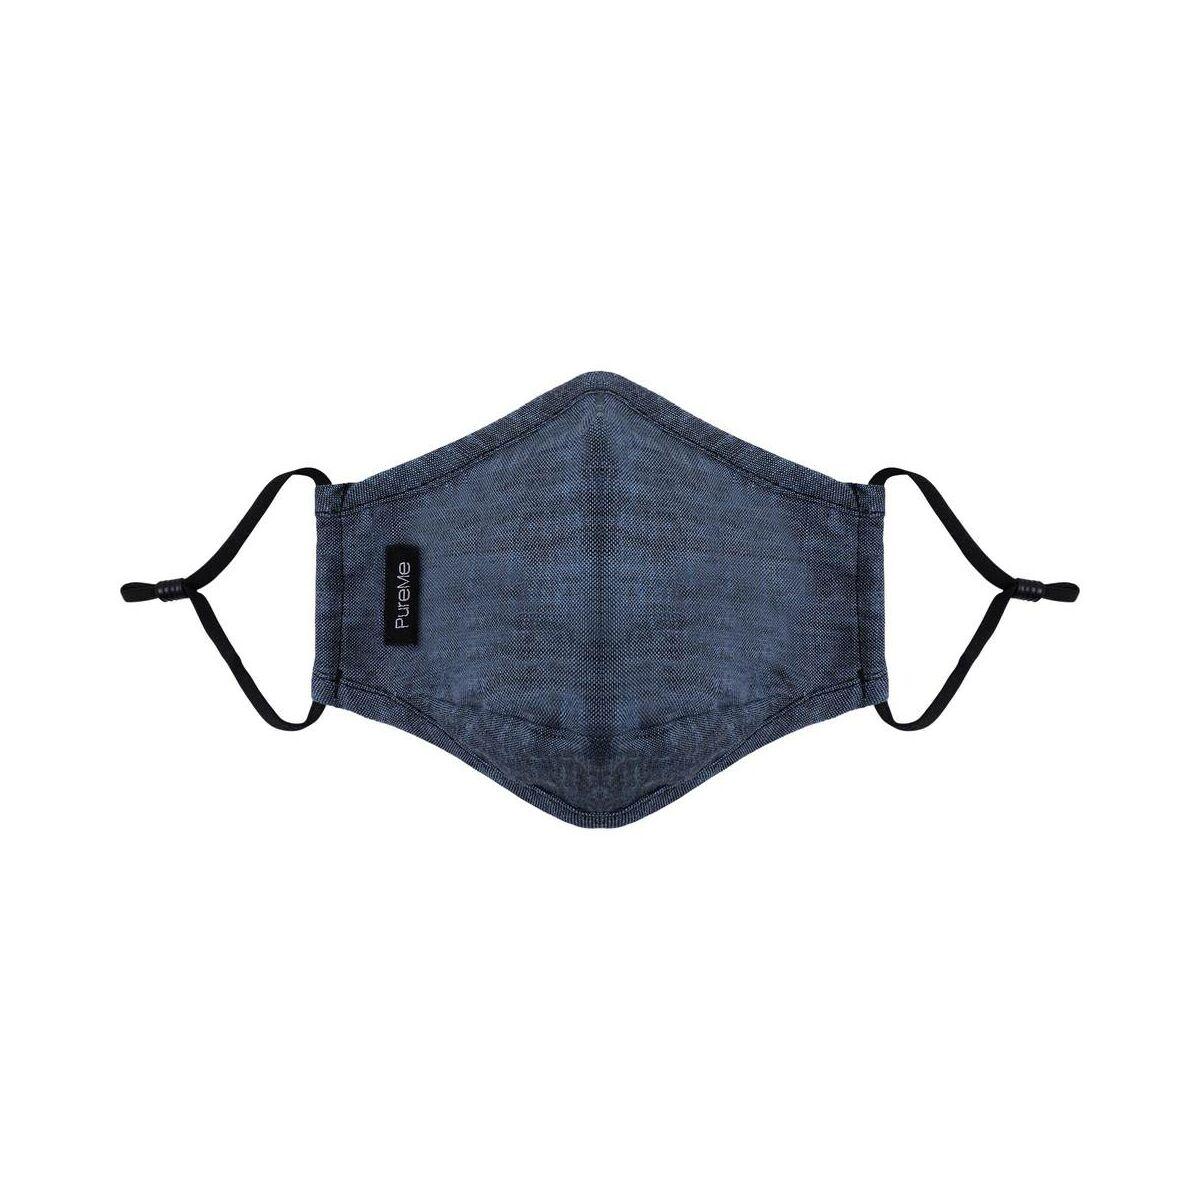 PureMe Maszk, Újrafelhasználható, Állítható füllel, Vászon, 2db N95 szűrővel a csomagbann, kék